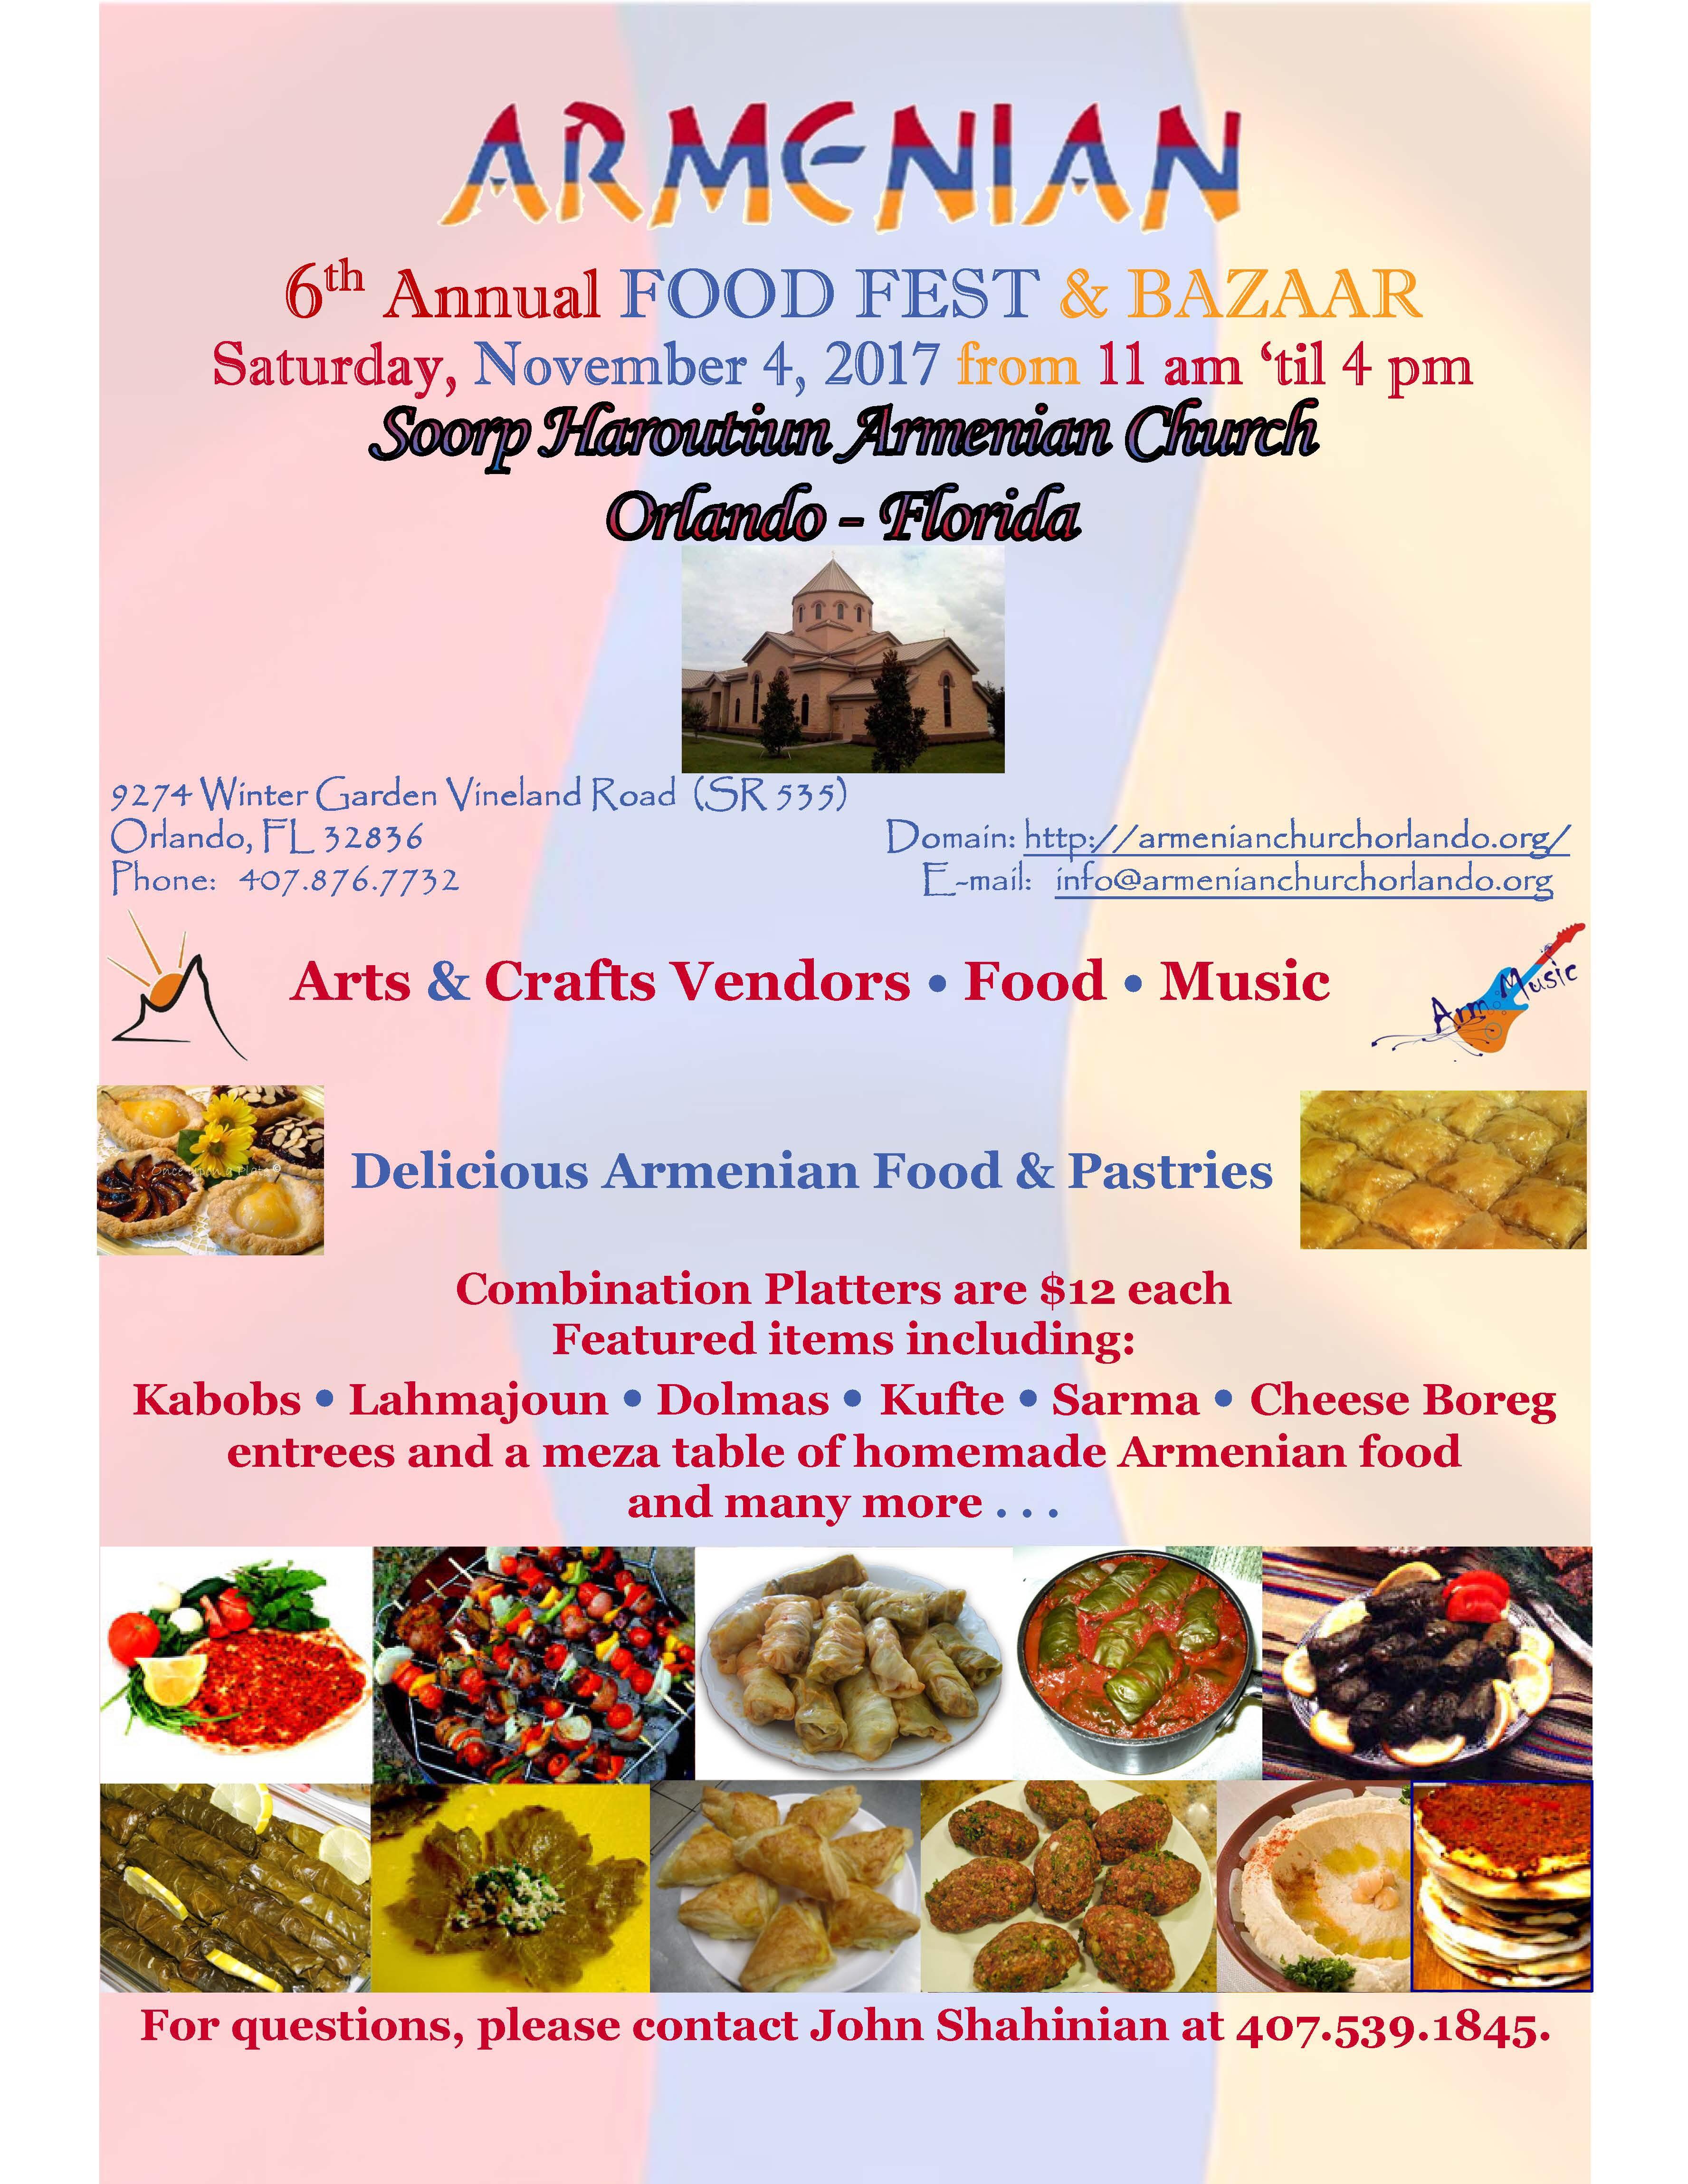 6th annual armenian food festival u0026 bazaar in orlando florida